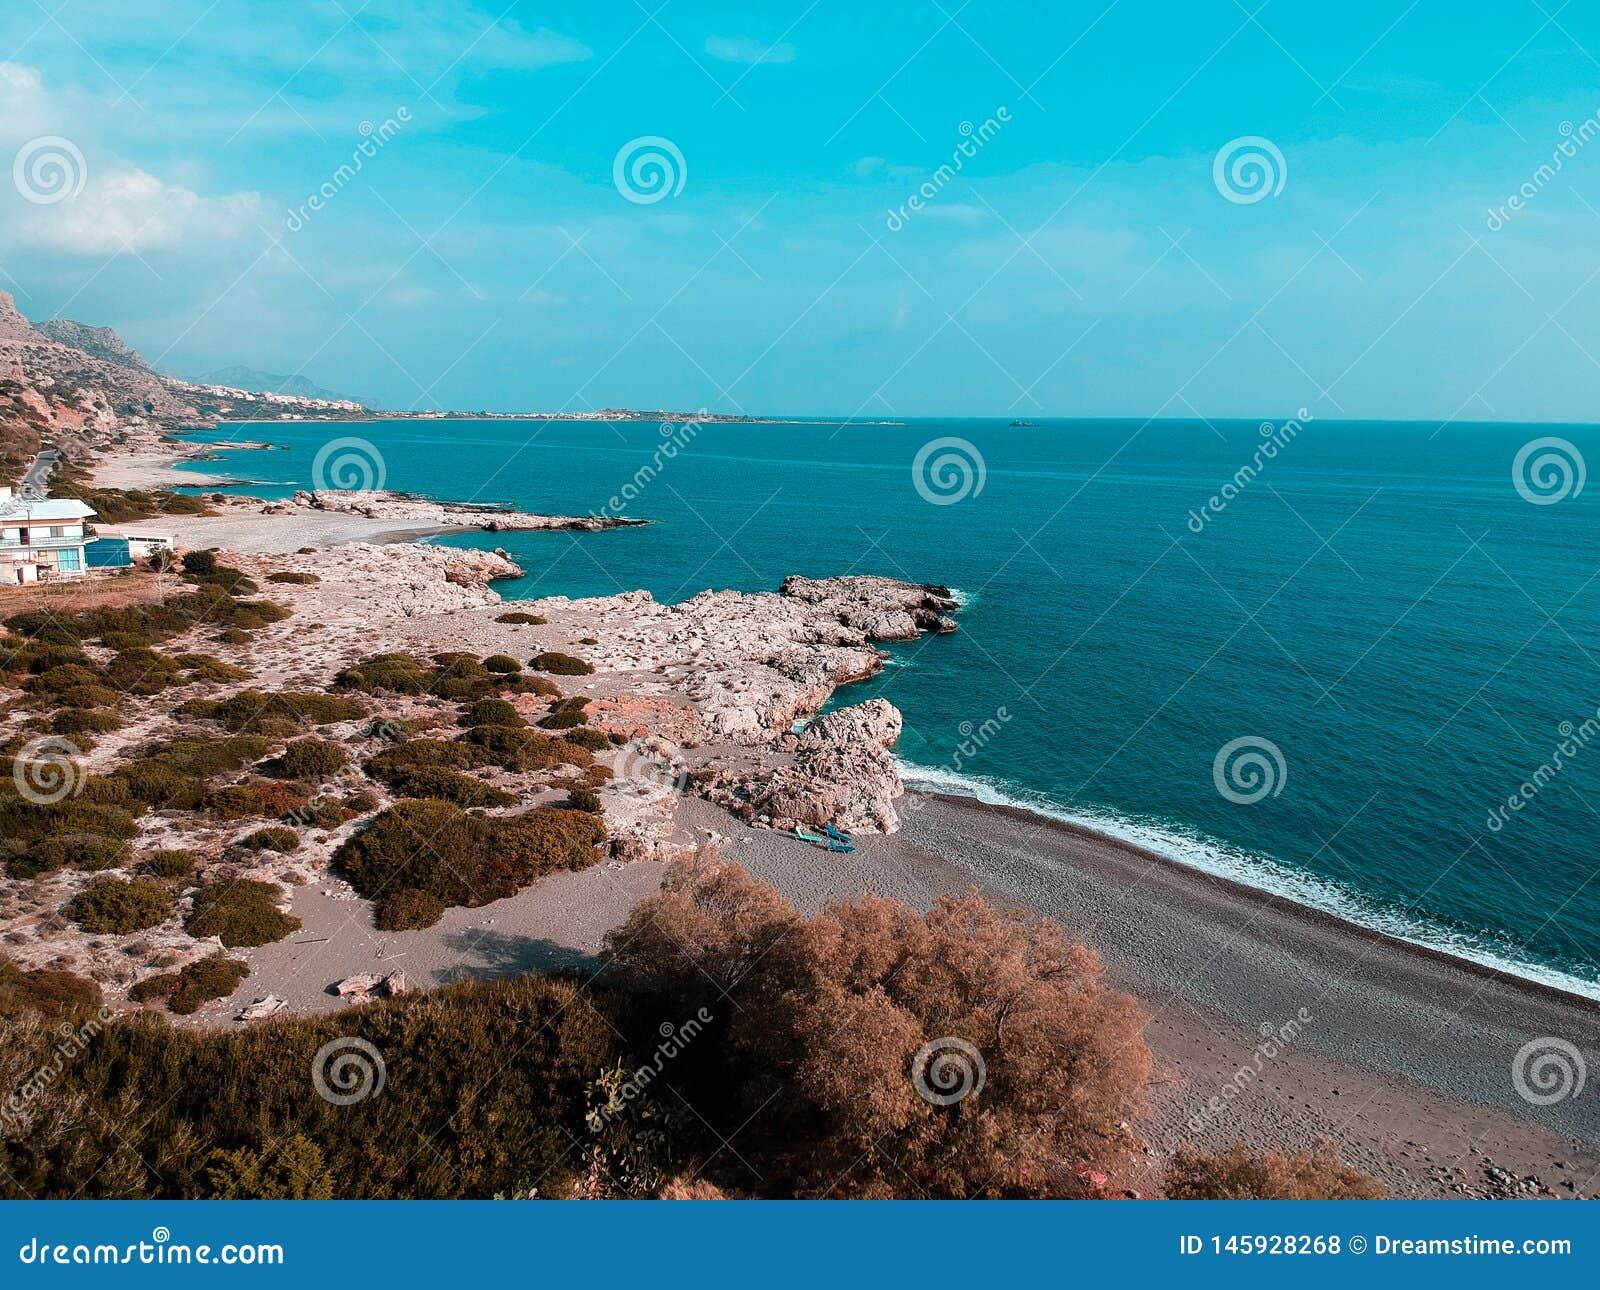 Surrskott i Grekland med den trevliga stranden och det blåa havet